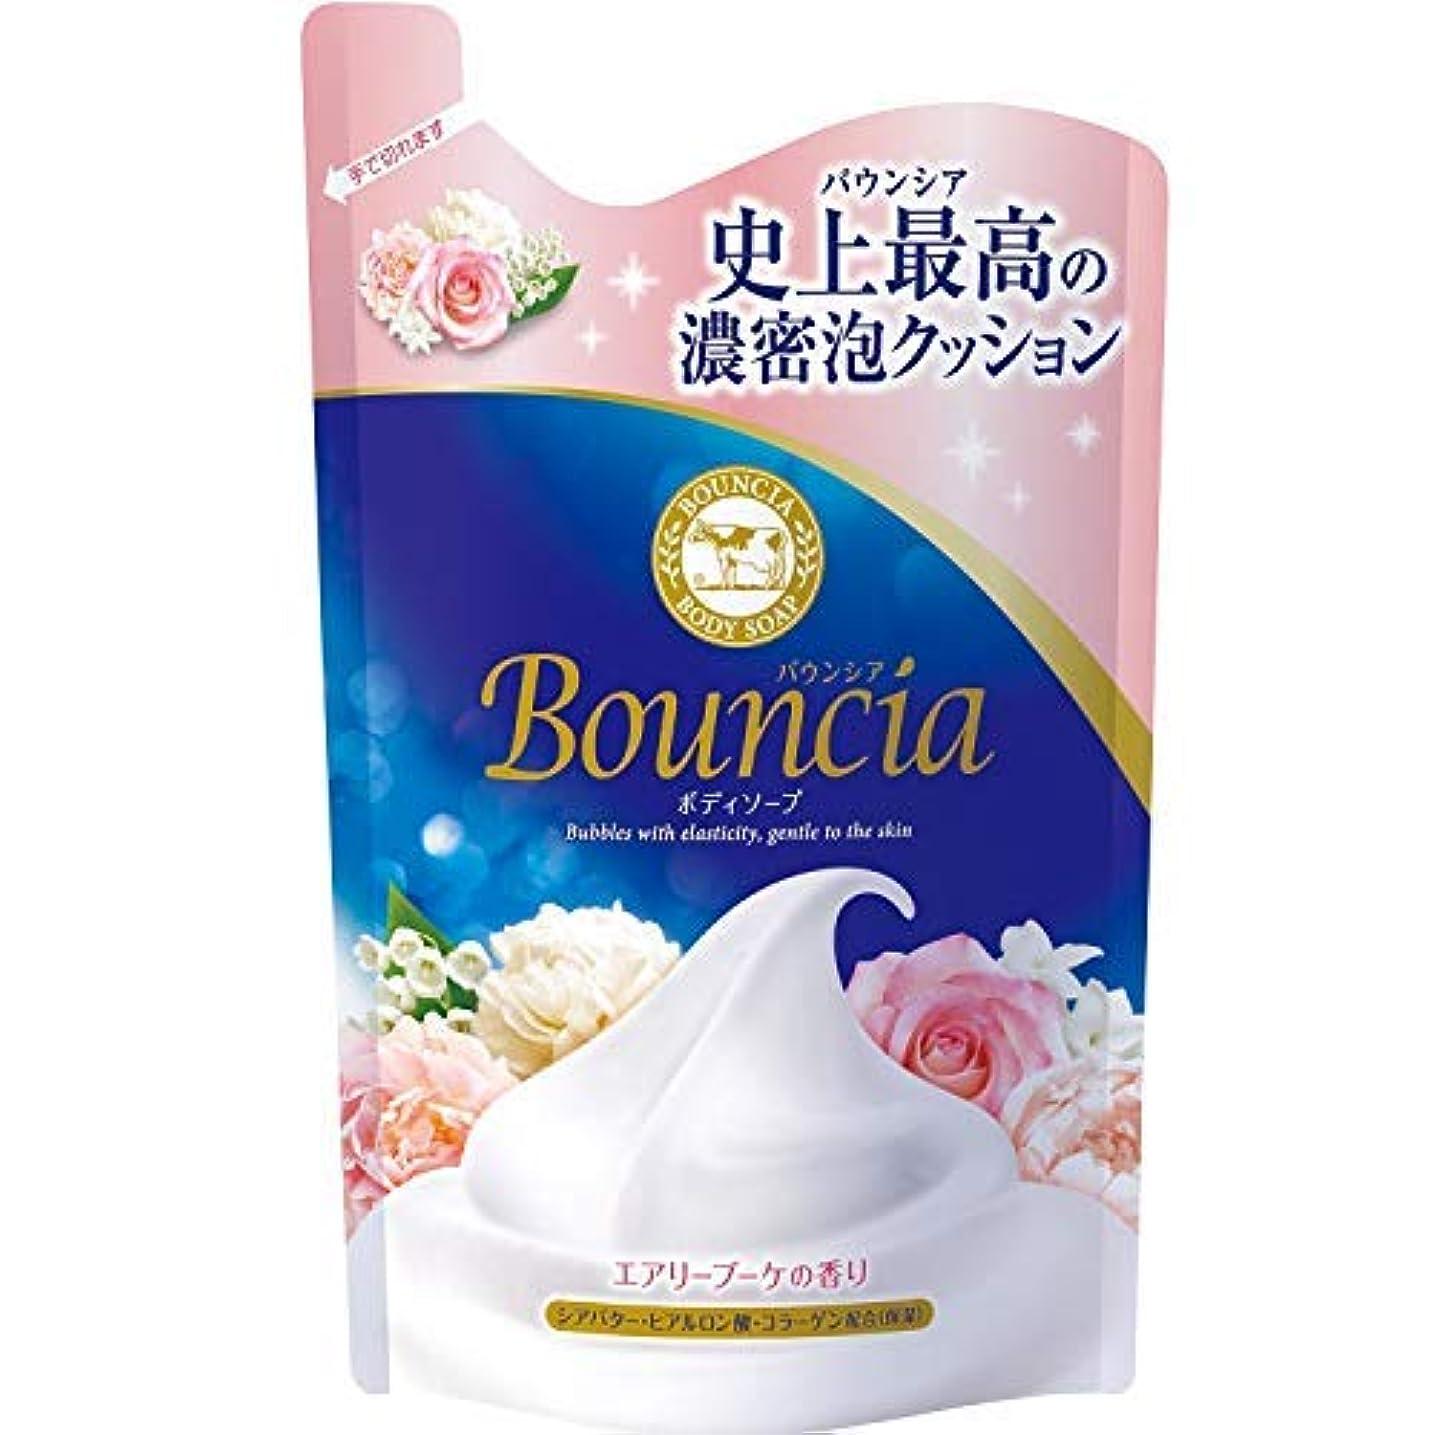 藤色必需品寄生虫バウンシアボディソープ エアリーブーケの香り 詰替用?400mL × 6個セット